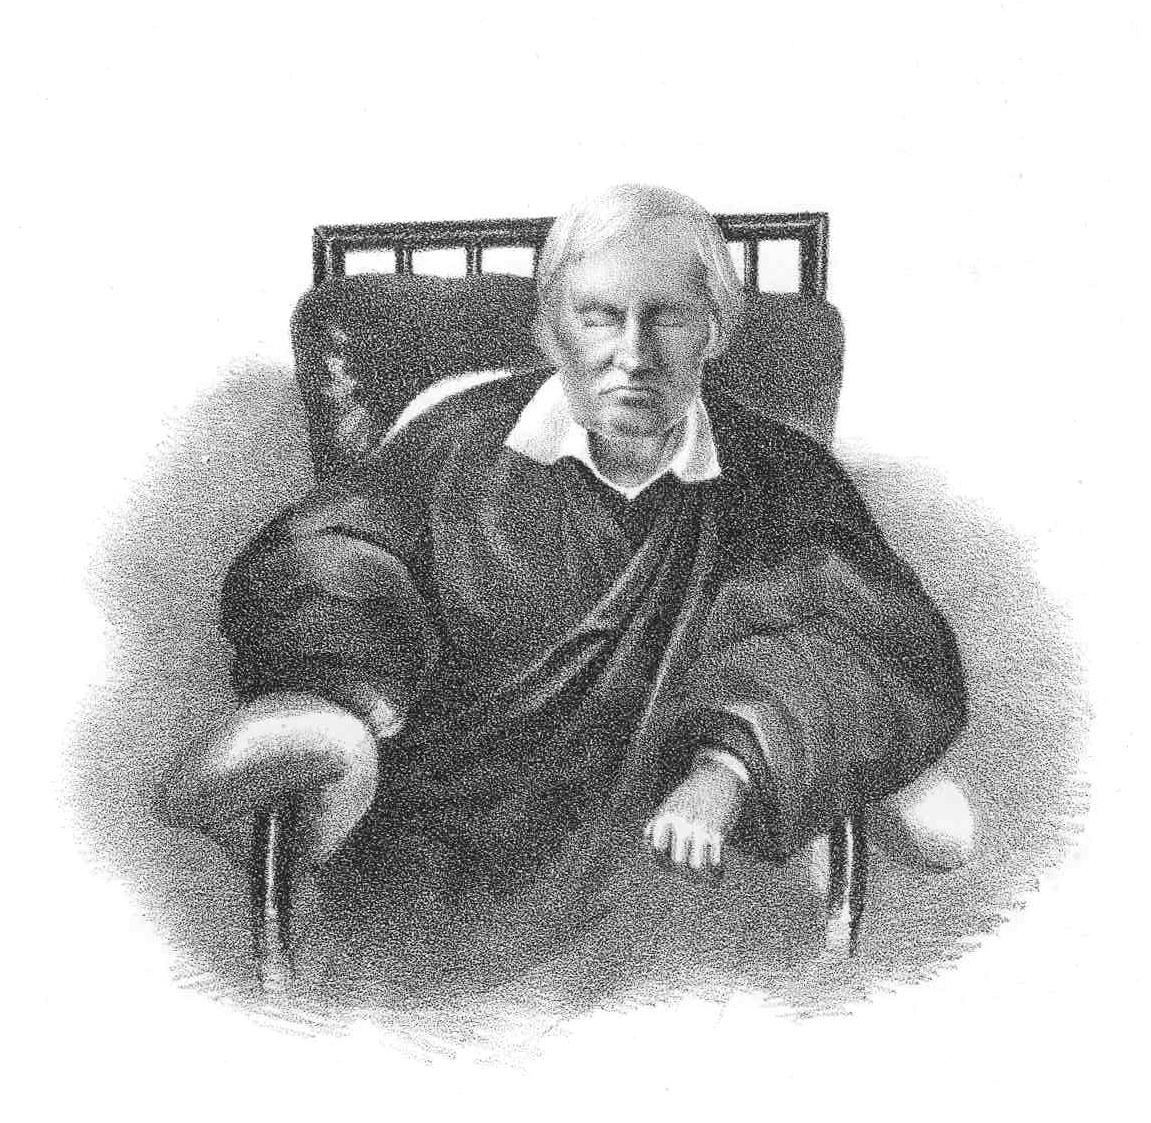 Дмитрий Мизко в старости. Гравюра середины 19 века Первой гимназии Днепра – 215 лет